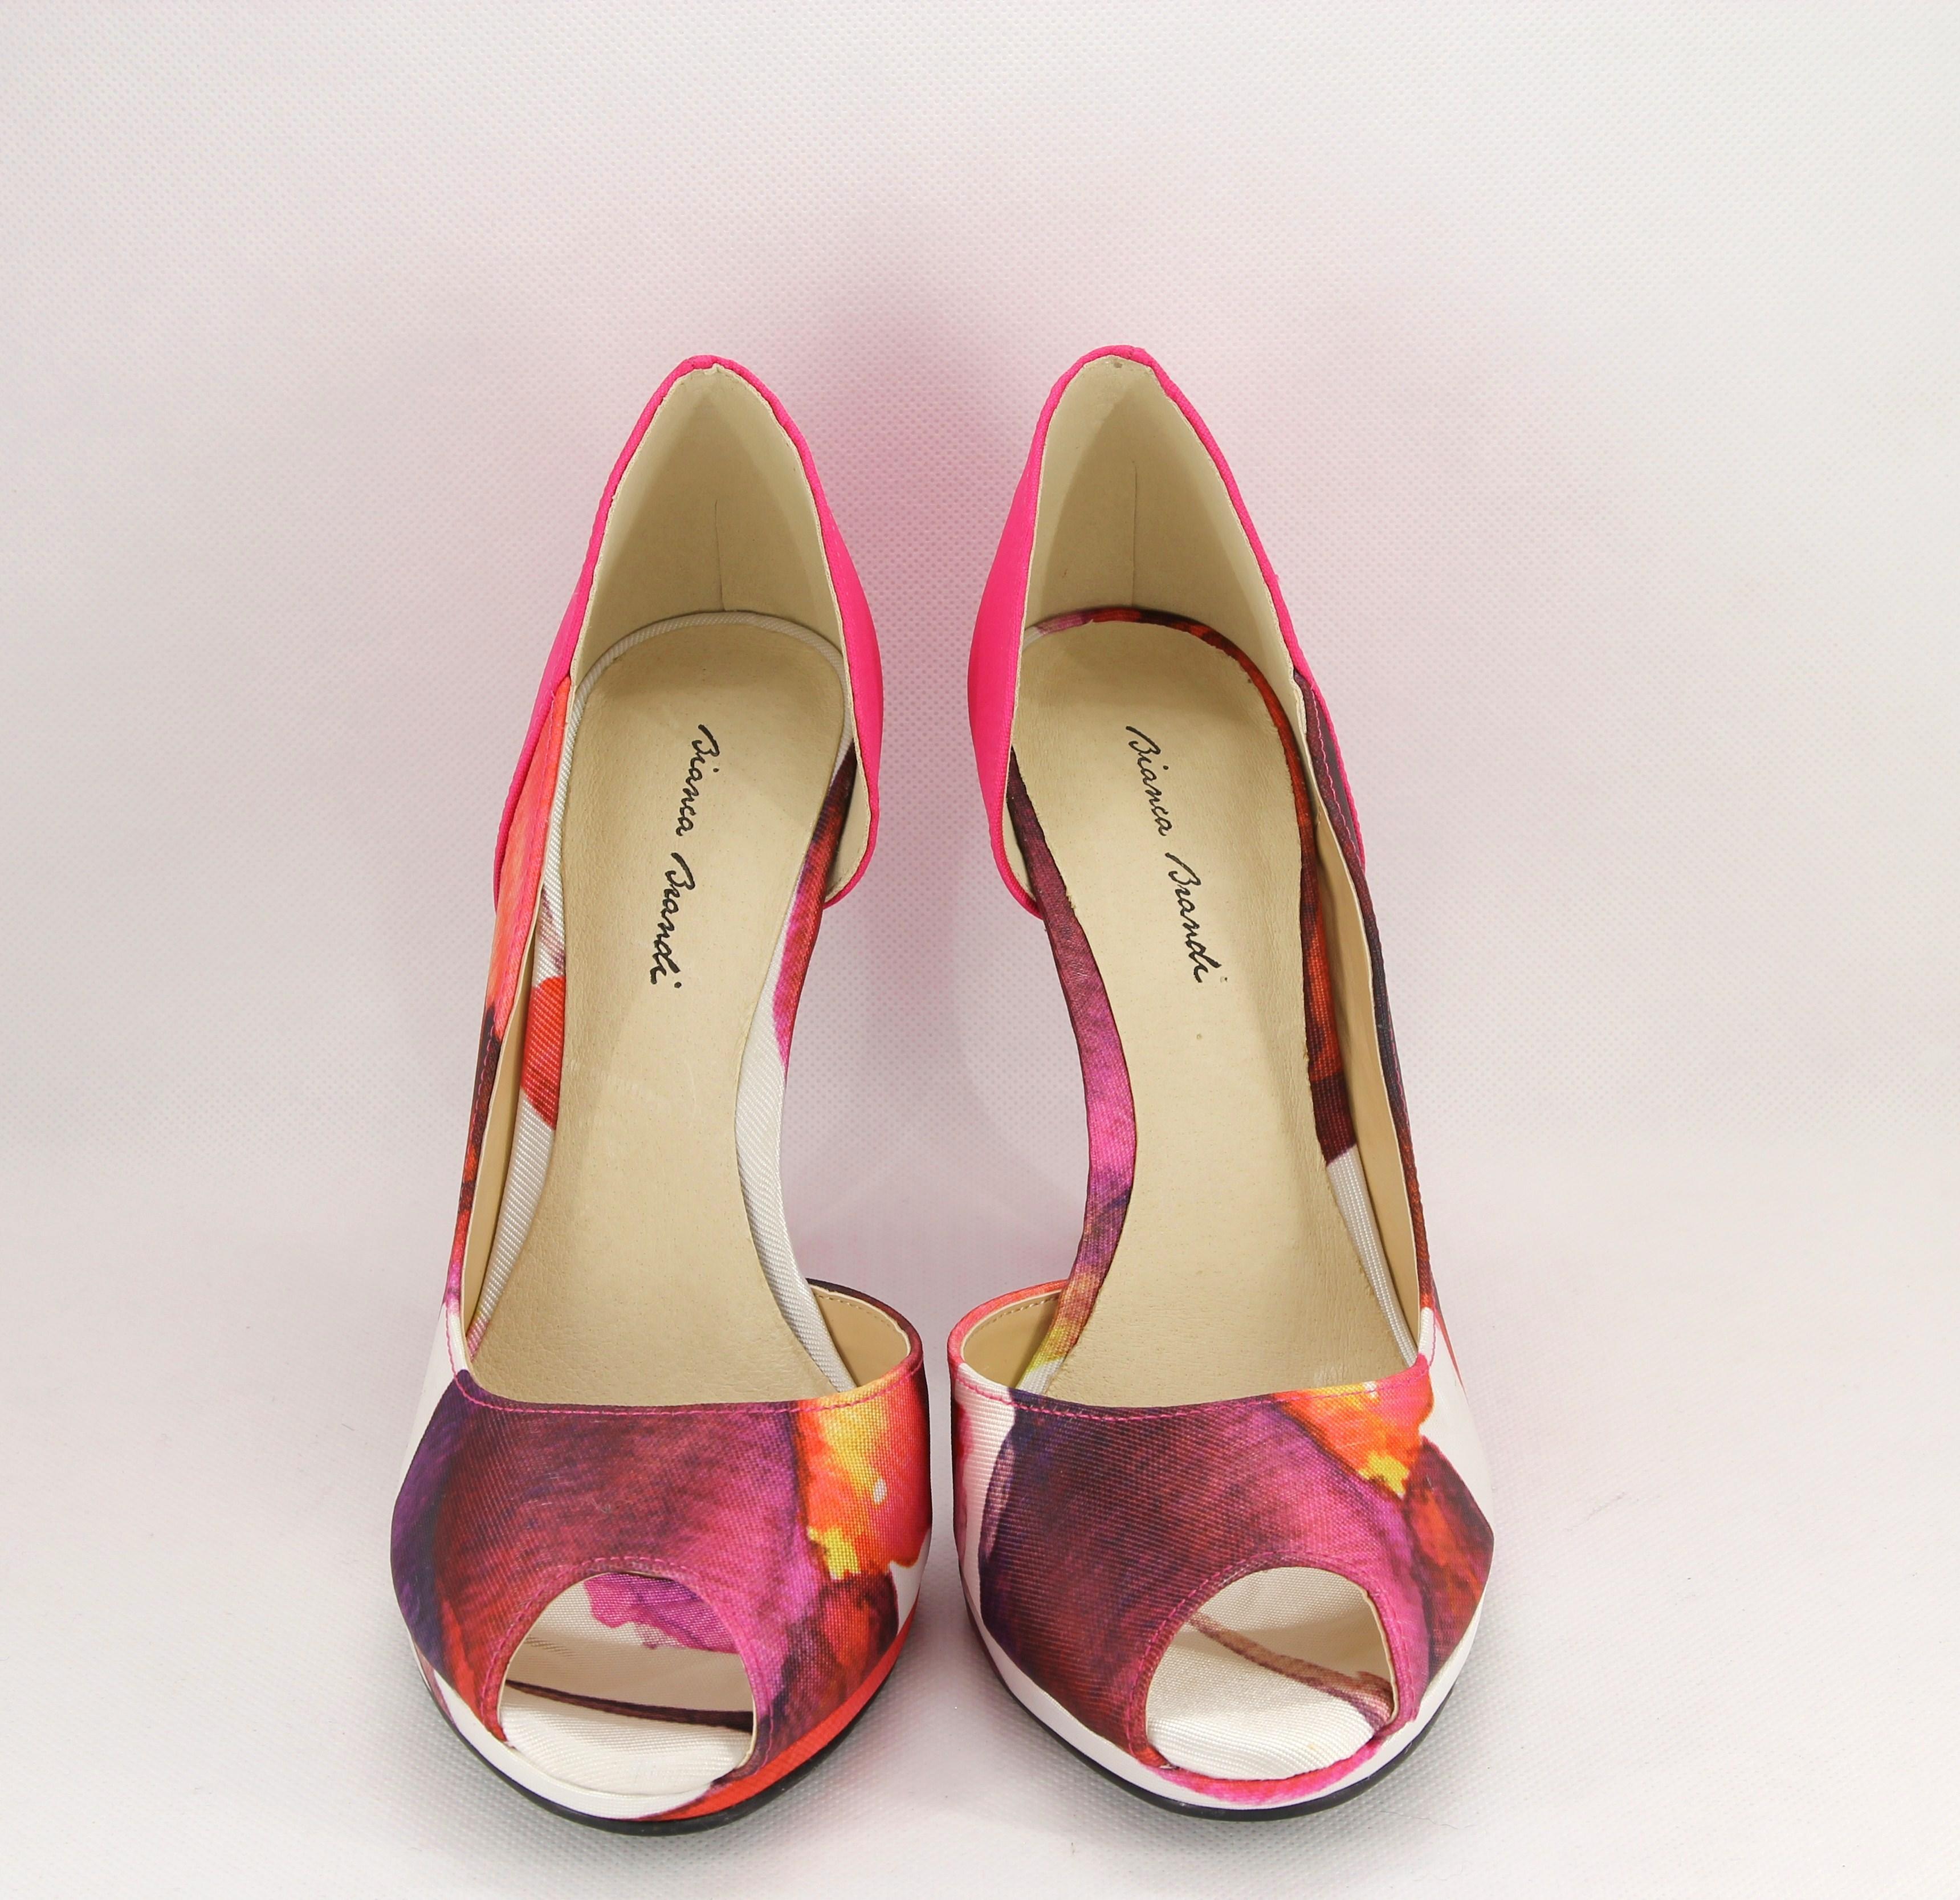 Sandalo spuntato cerimonia donna elegante in tessuto fantasia con borsetta abbinata Art. BS406